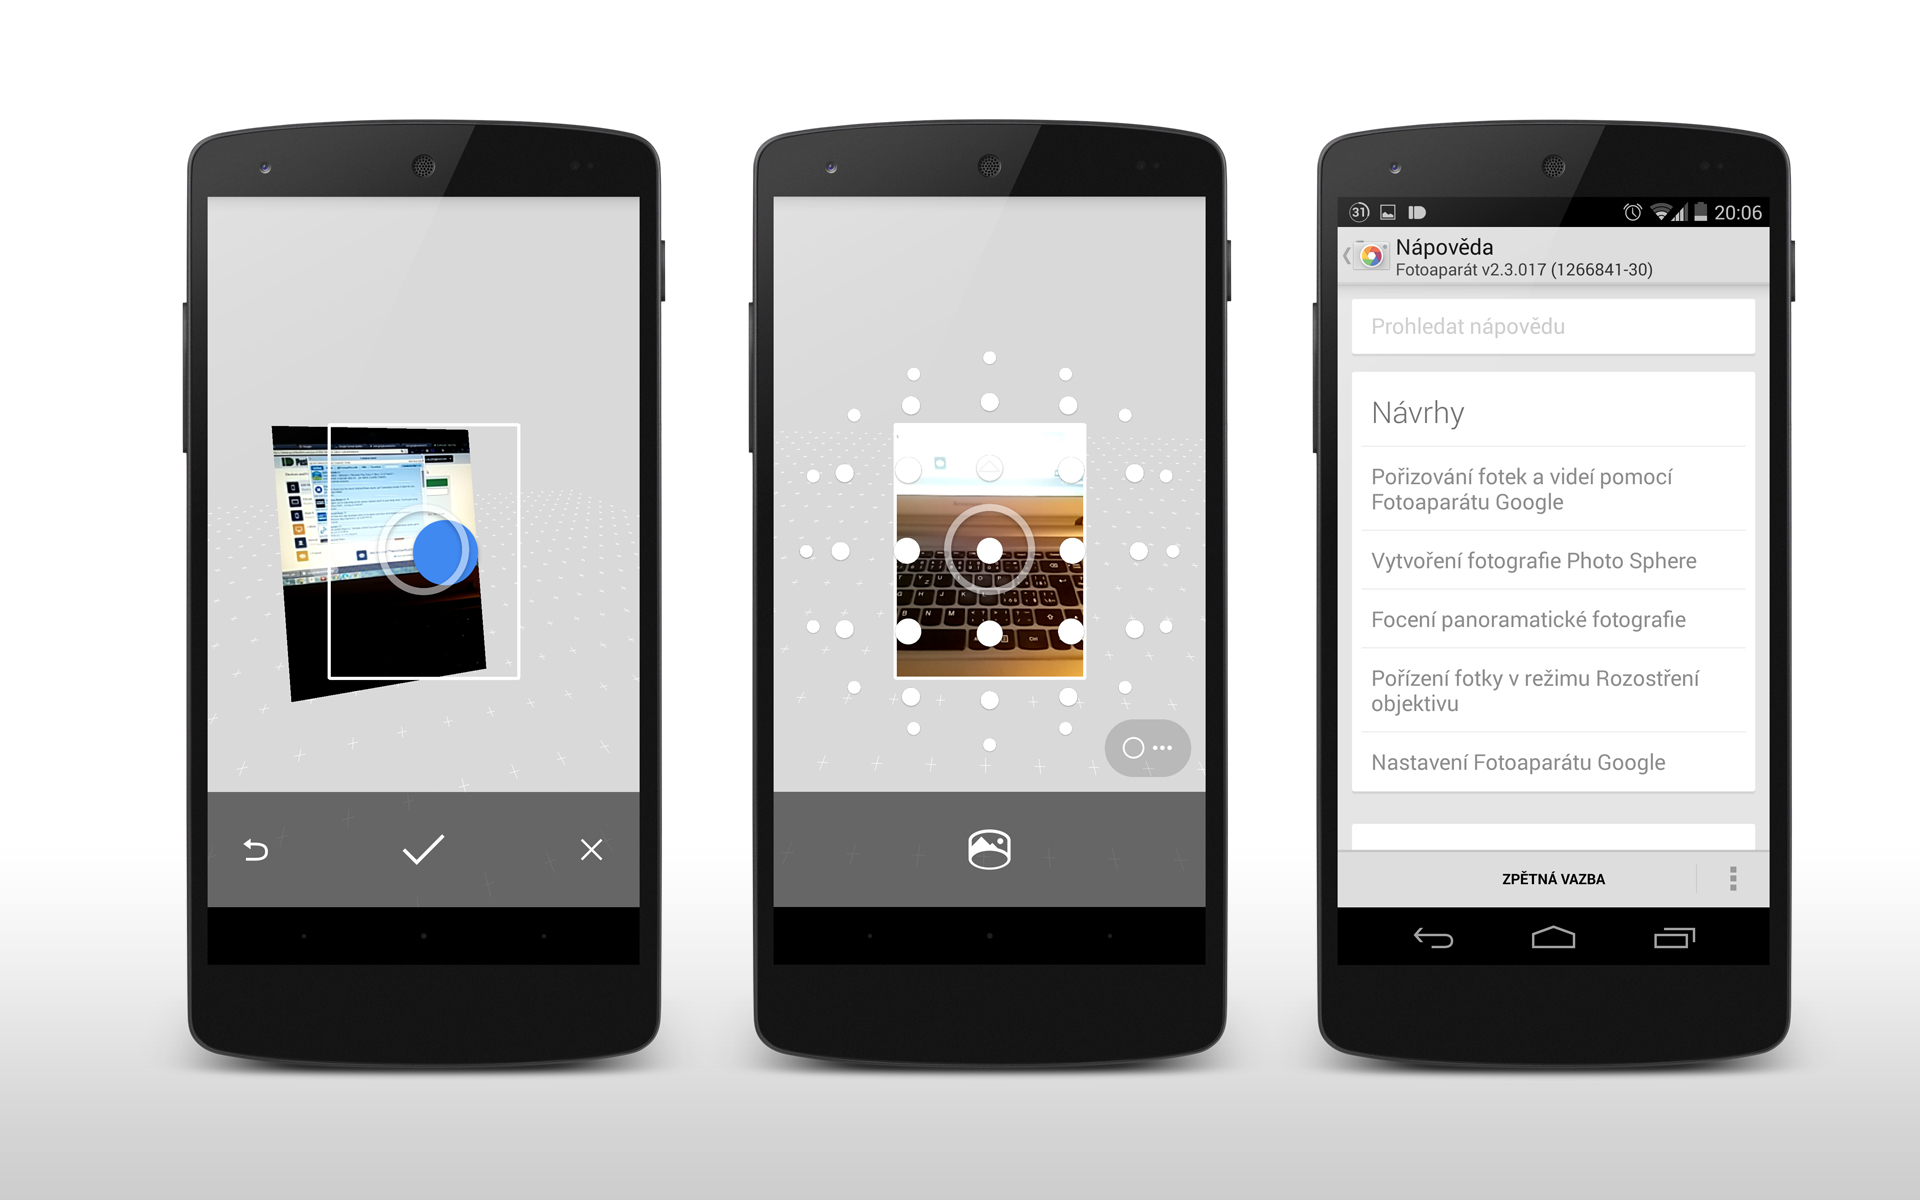 Fotoaparát Google – aktualizace přináší nejen podporu Androidu Wear